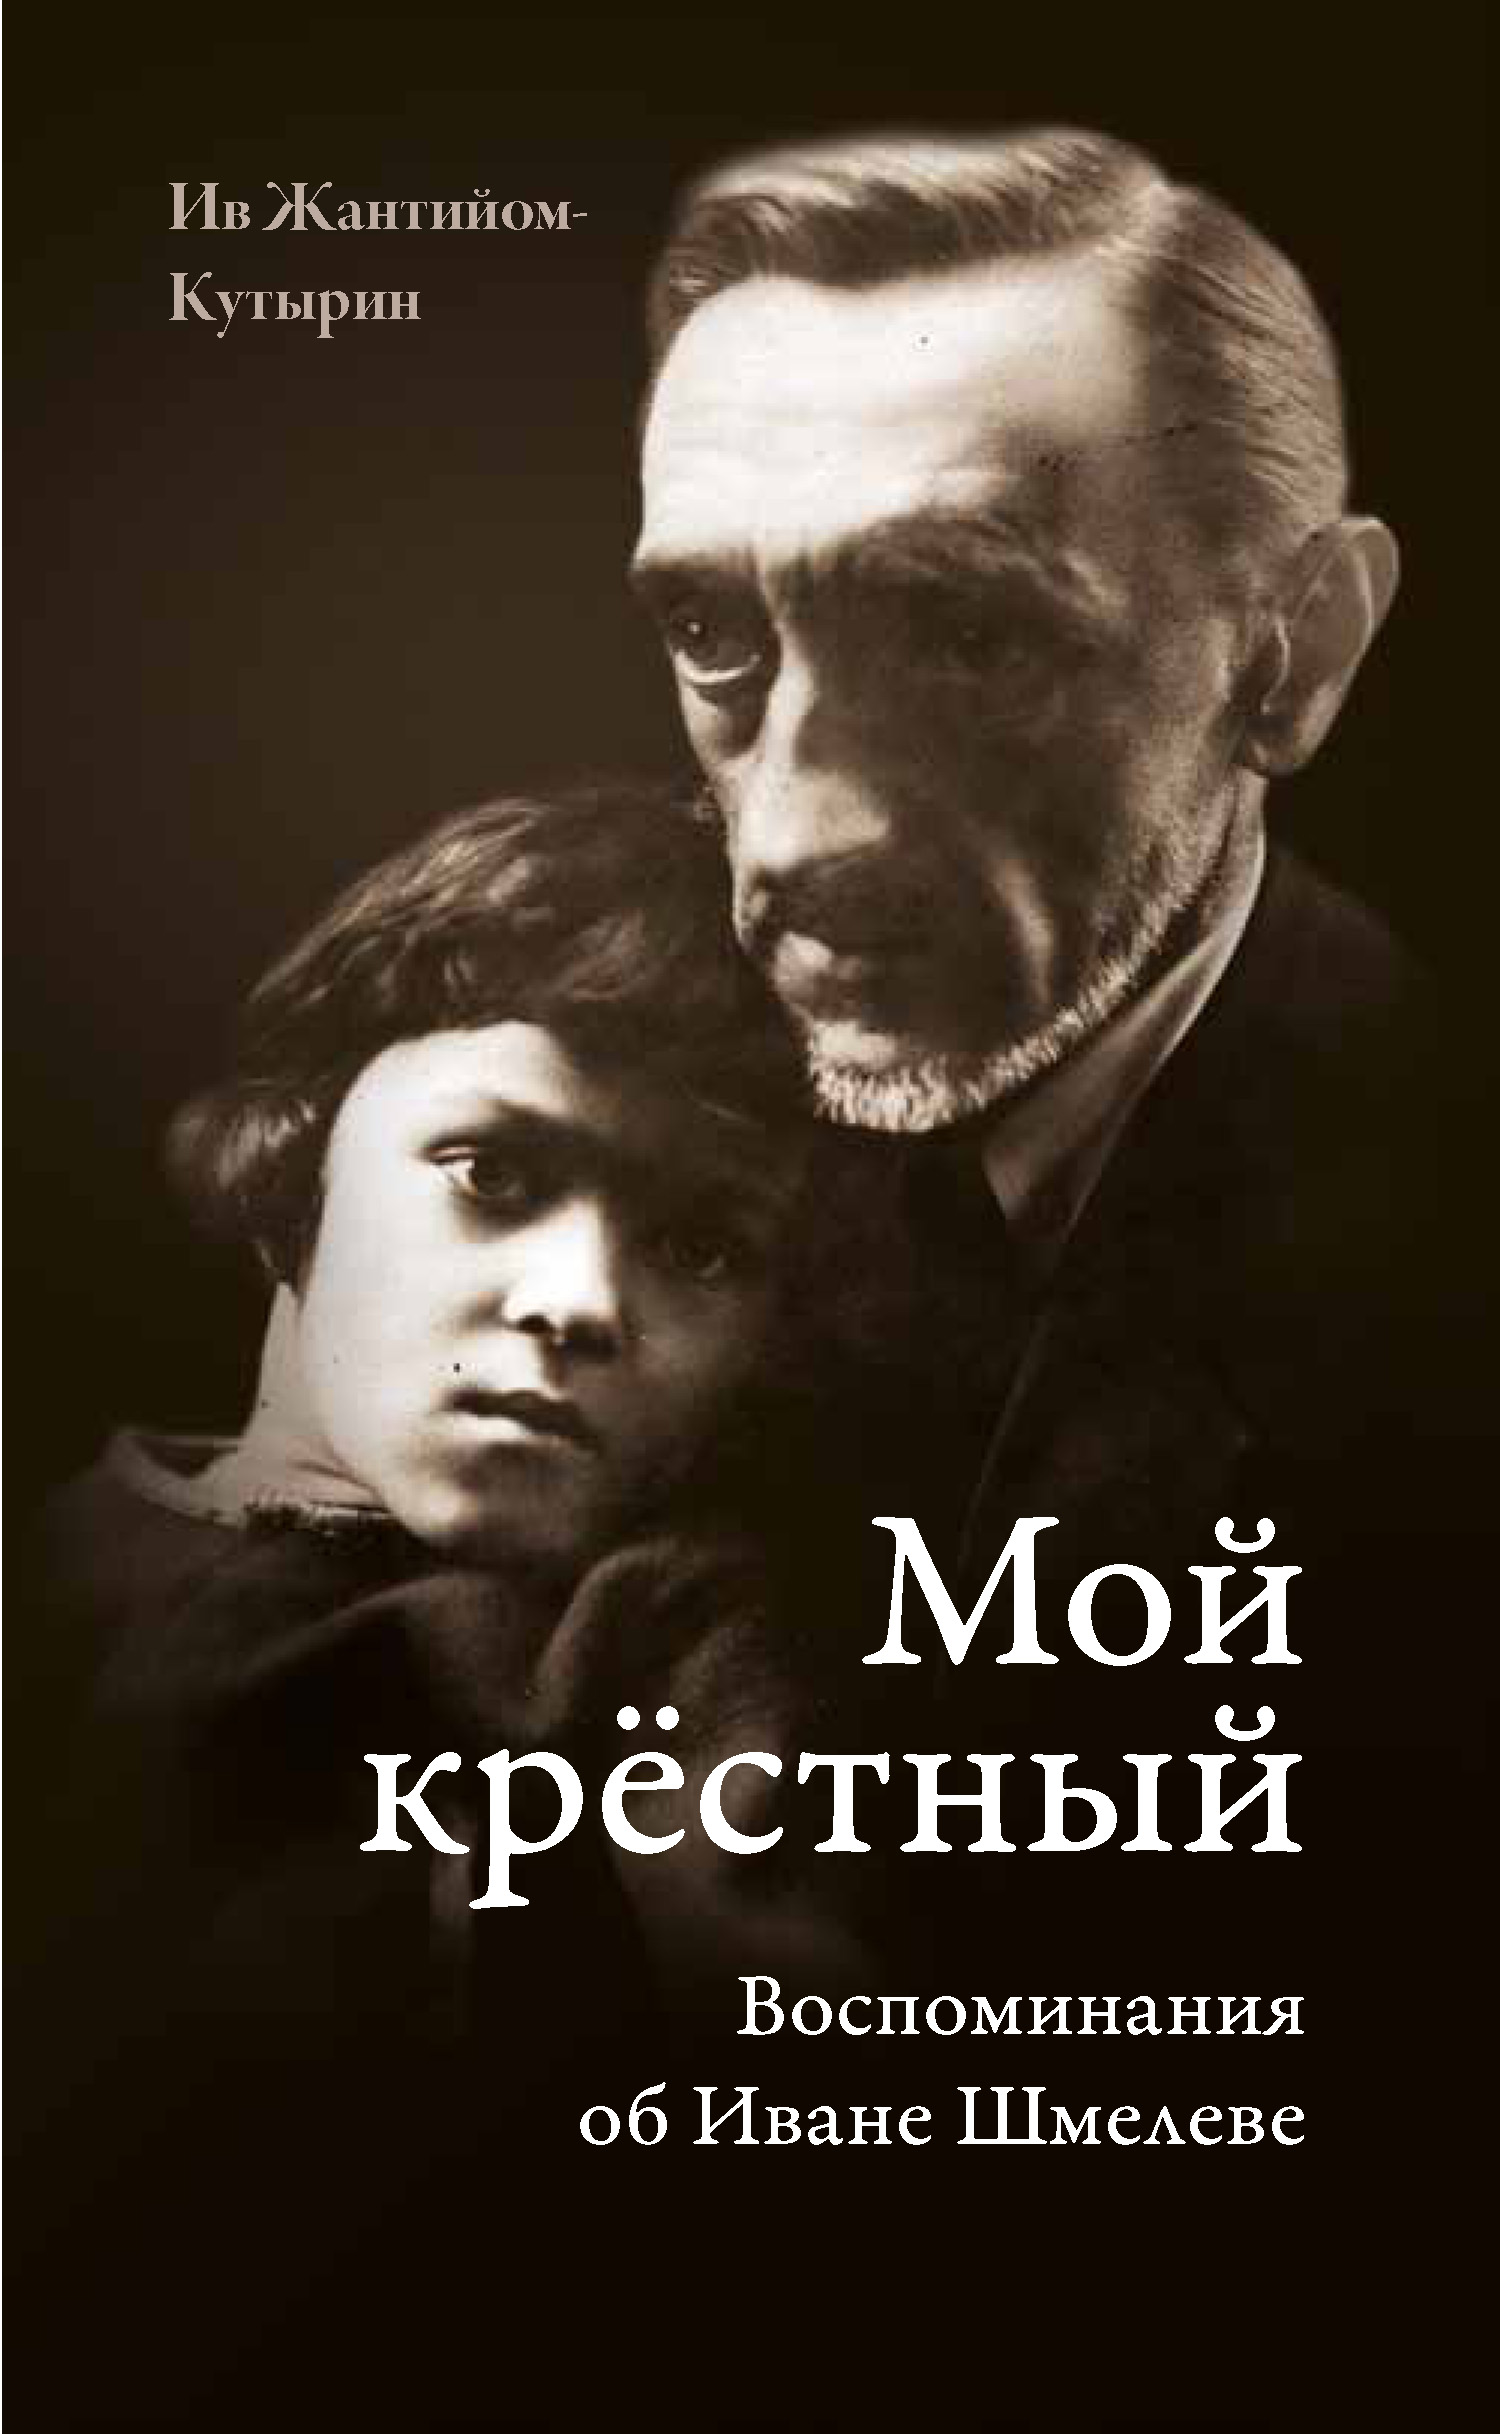 Мой крестный. Воспоминания об Иване Шмелеве